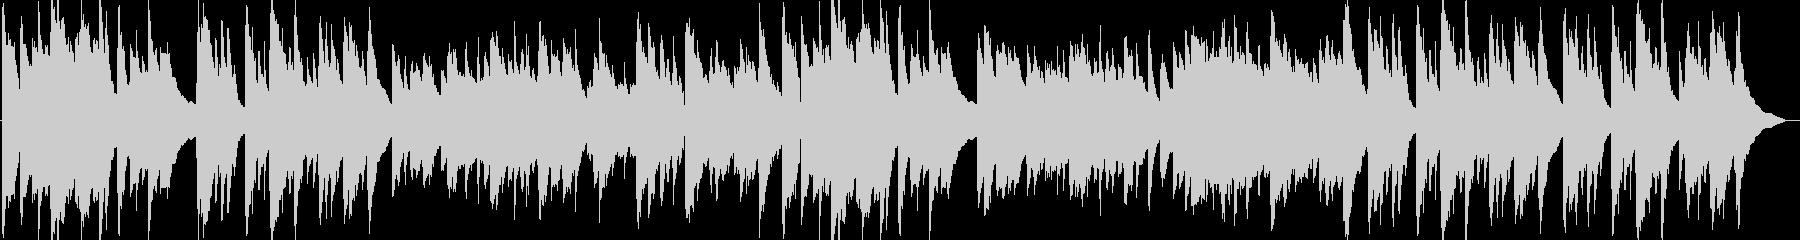 アコースティックギターほのぼのBGMの未再生の波形